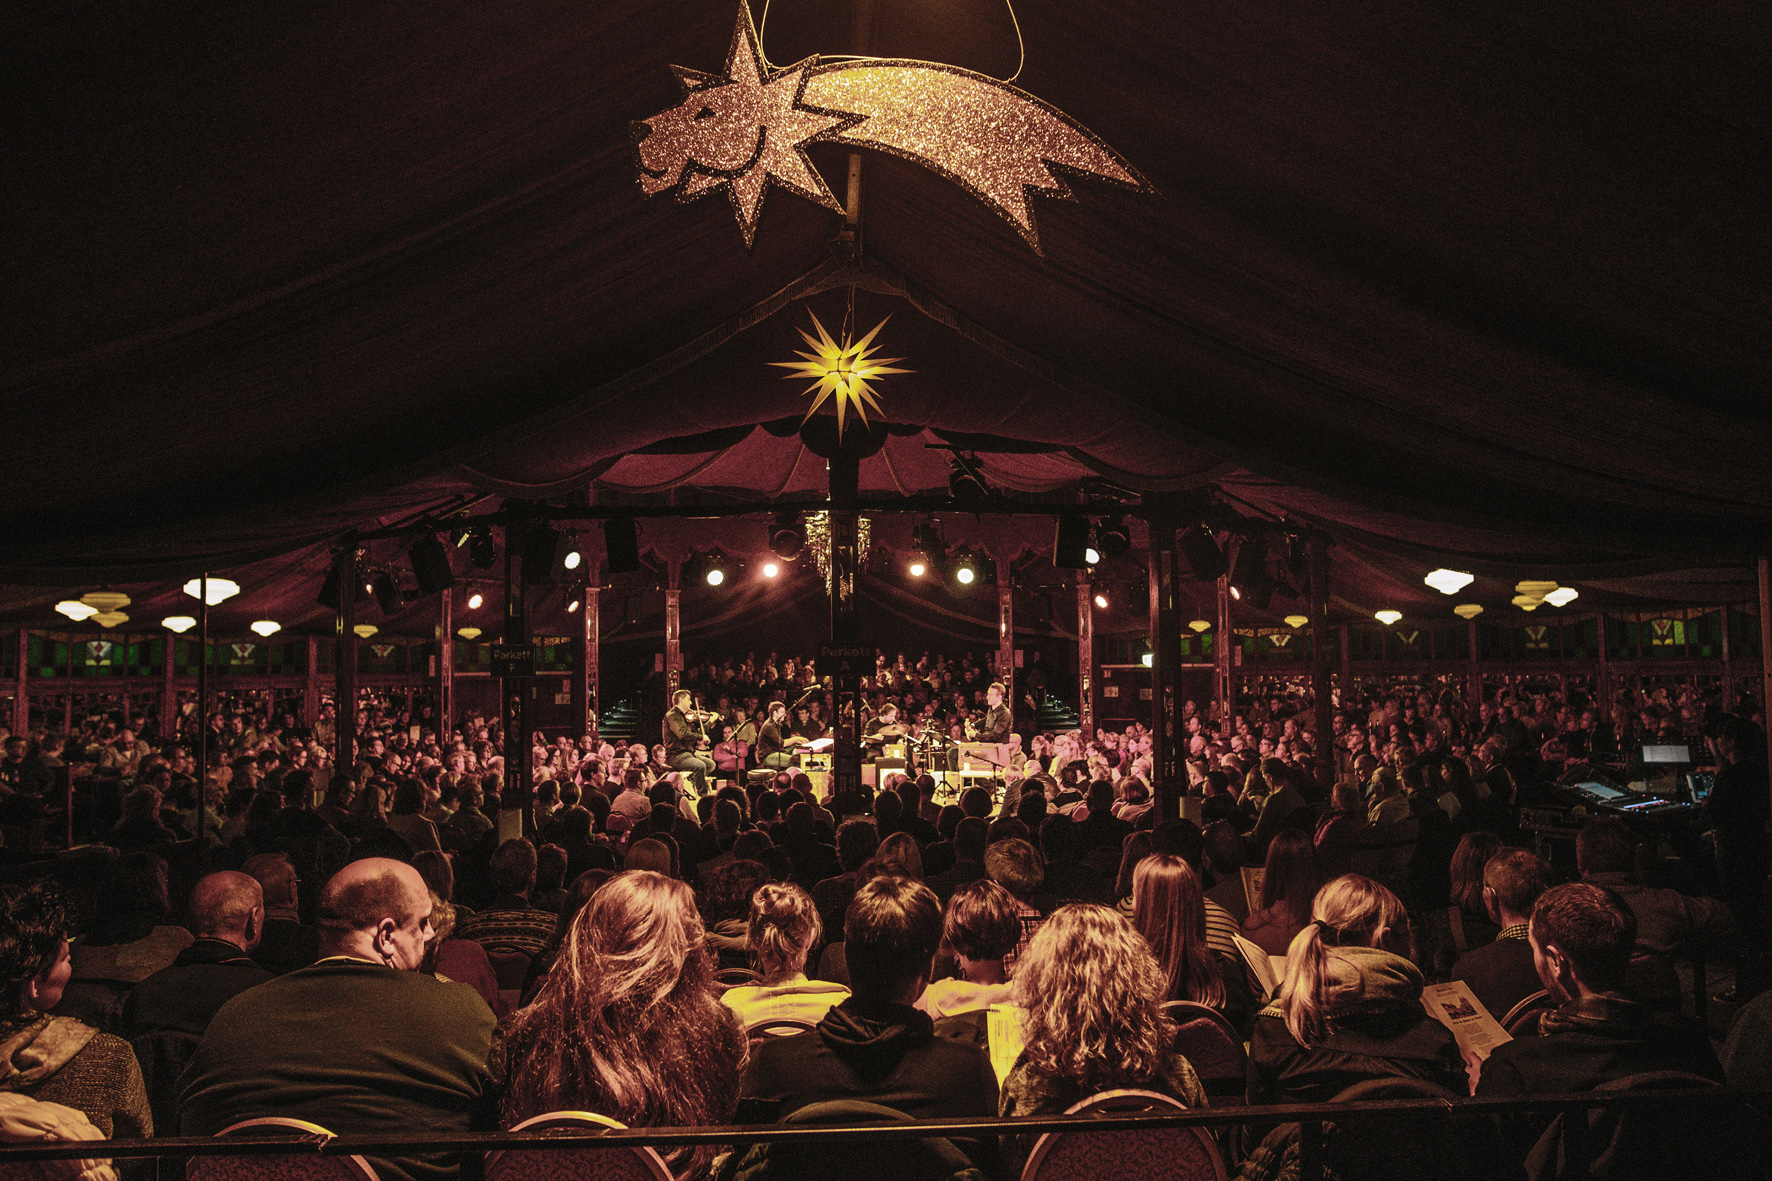 Das Wintertheater lockt mit einer ganz besonderen Atmosphäre. Foto: undercover GmbH/Malte Schmidt Photography